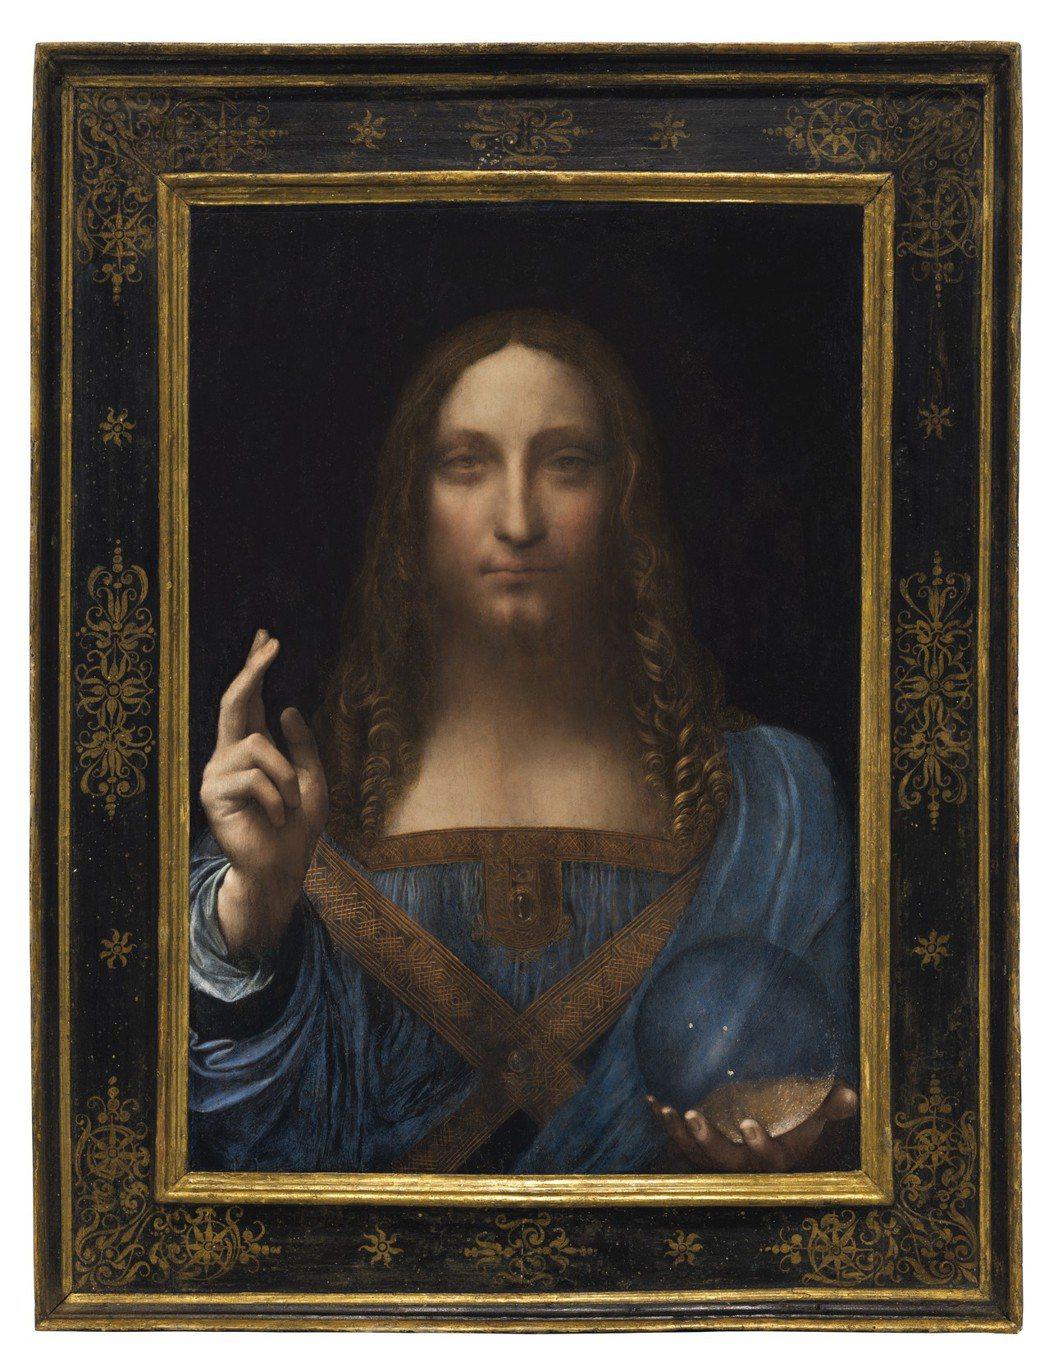 紐約佳士得11月將拍賣達文西畫作「救世主」,這幅畫因為跟蒙娜麗莎有許多相似之處,...